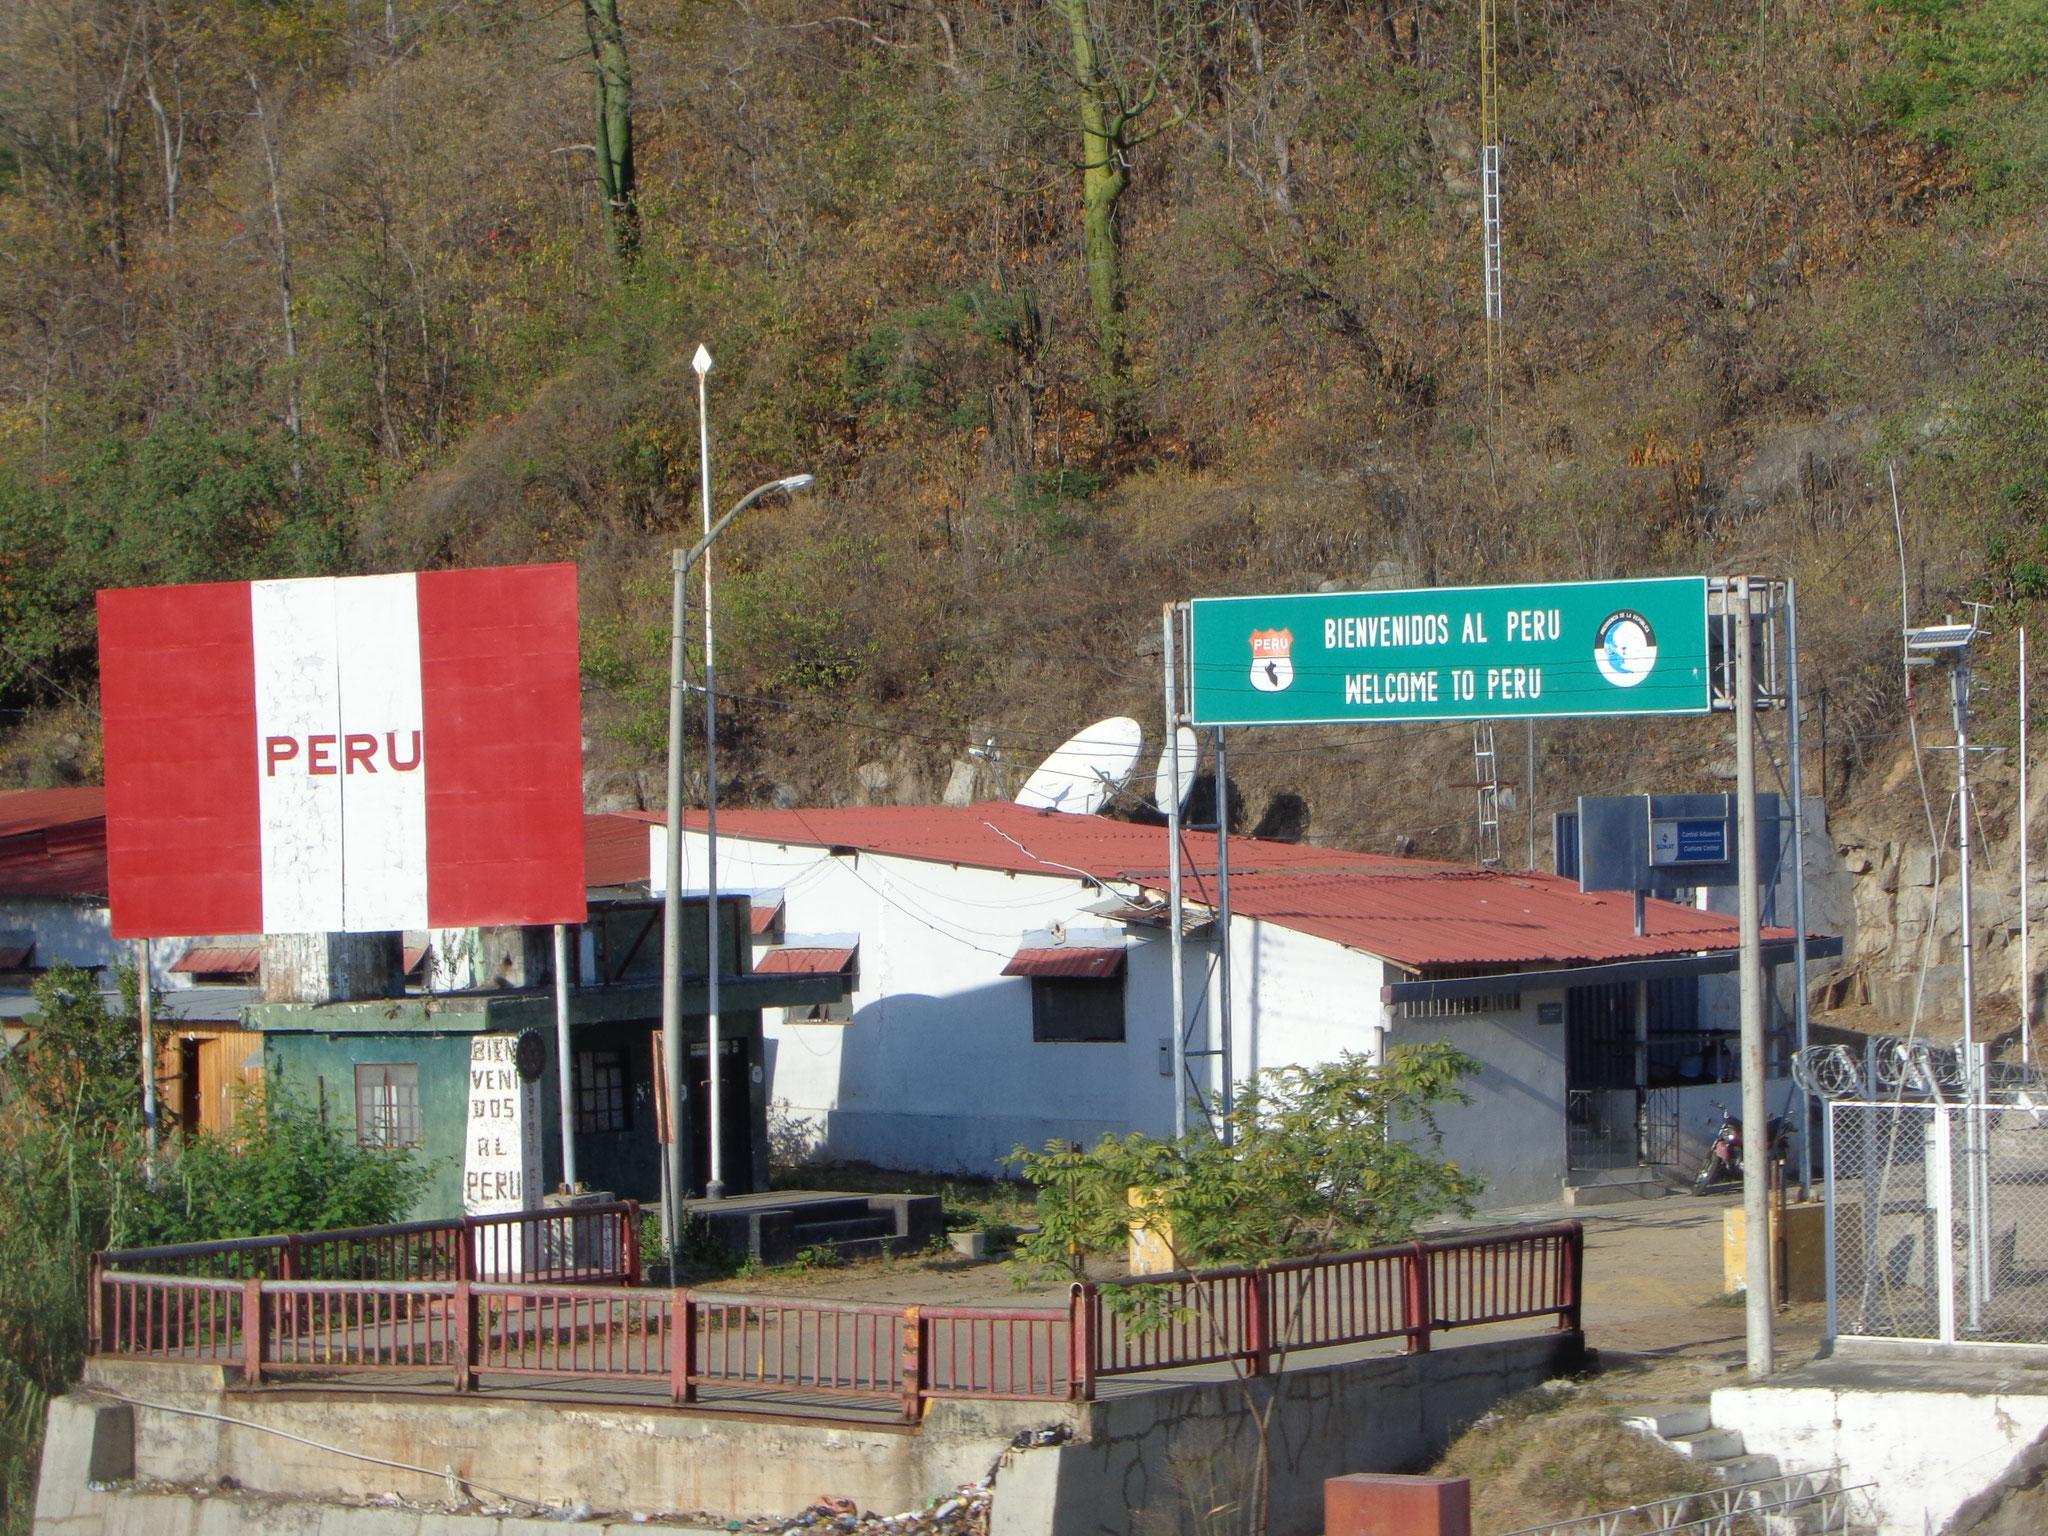 La frontiere ecuador - peru